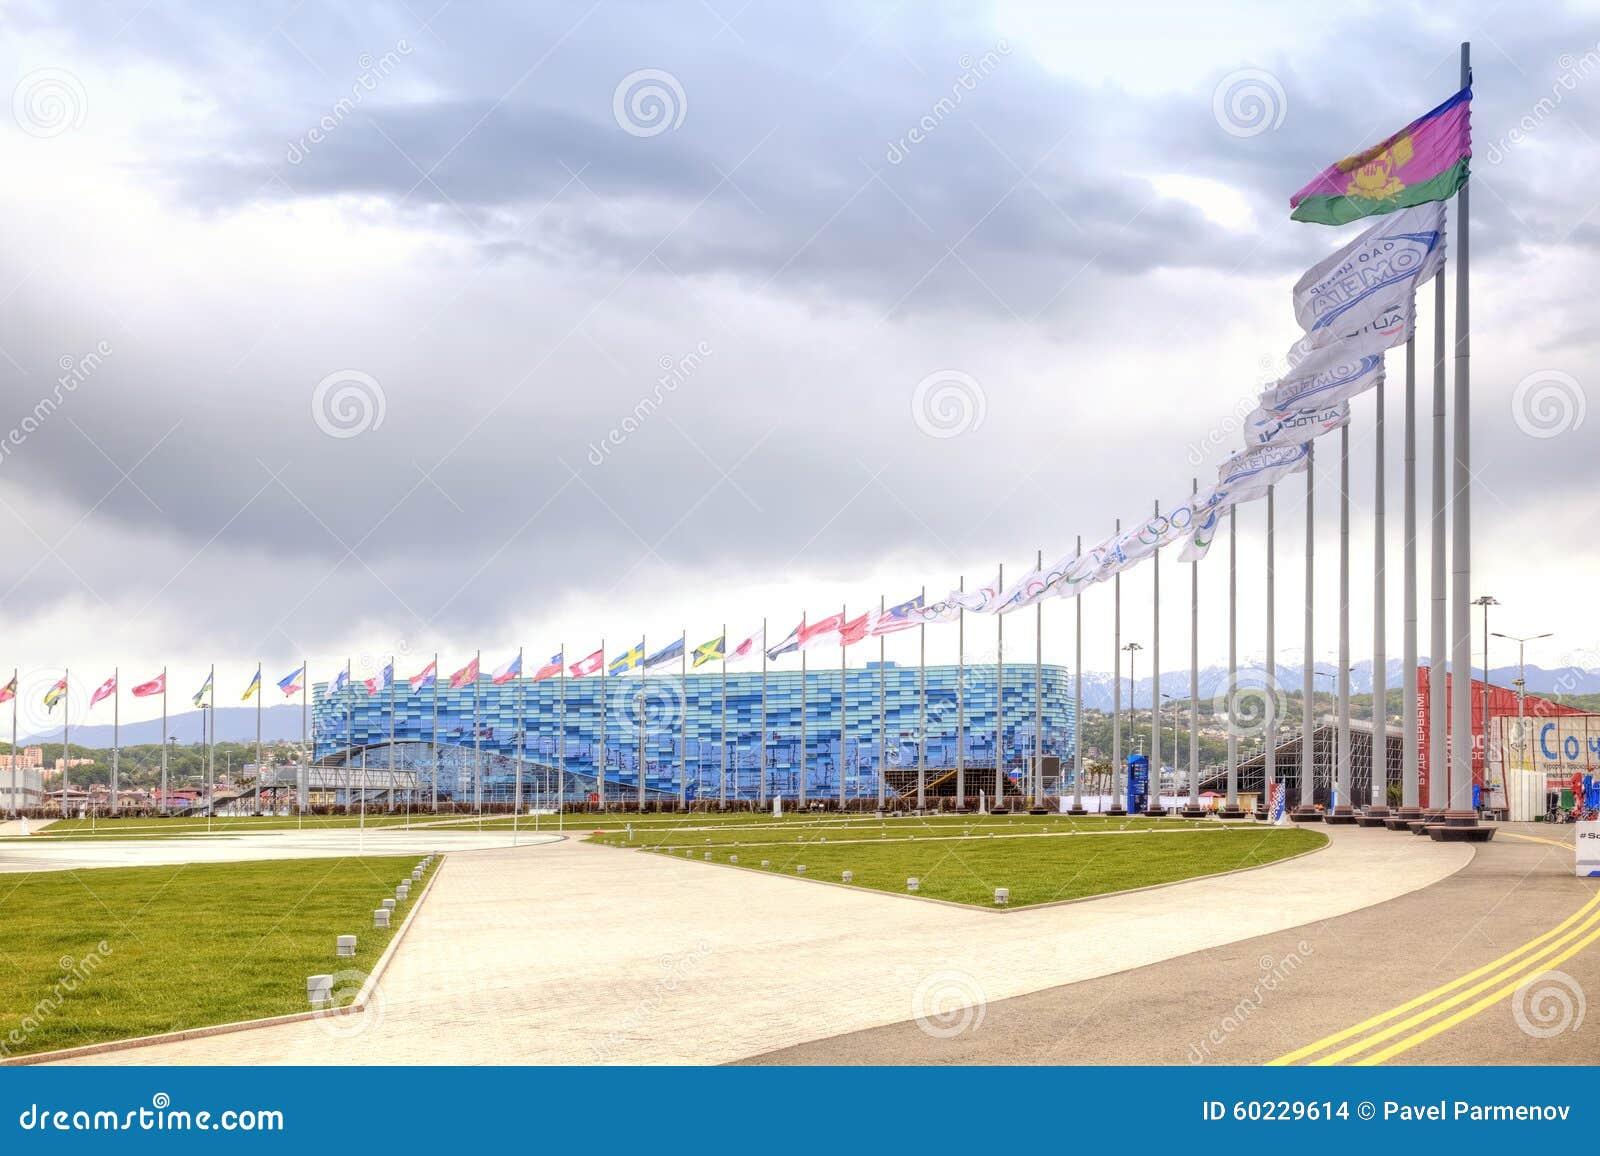 Sochi Olympiagelände